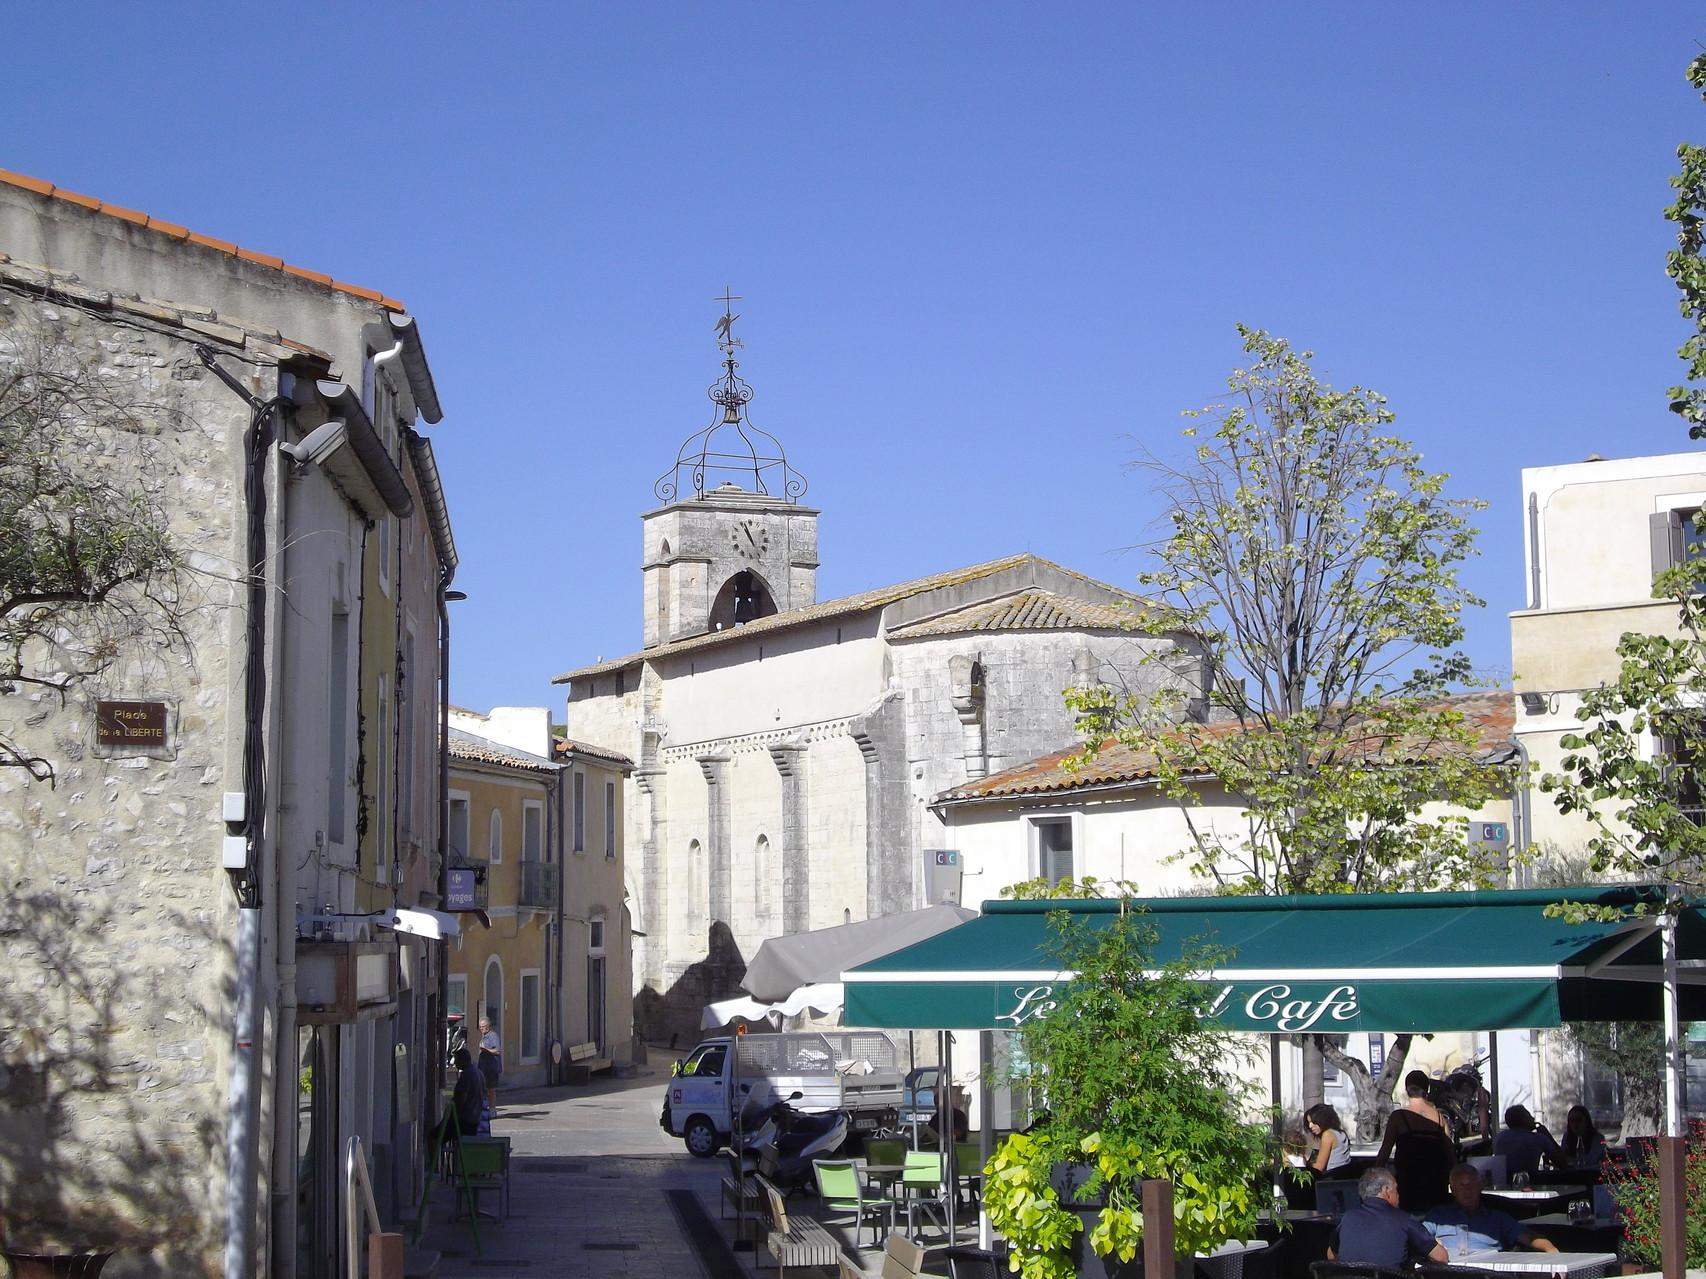 Castelnau village, église romane du XIIème siecle, fortifiée au XIVème